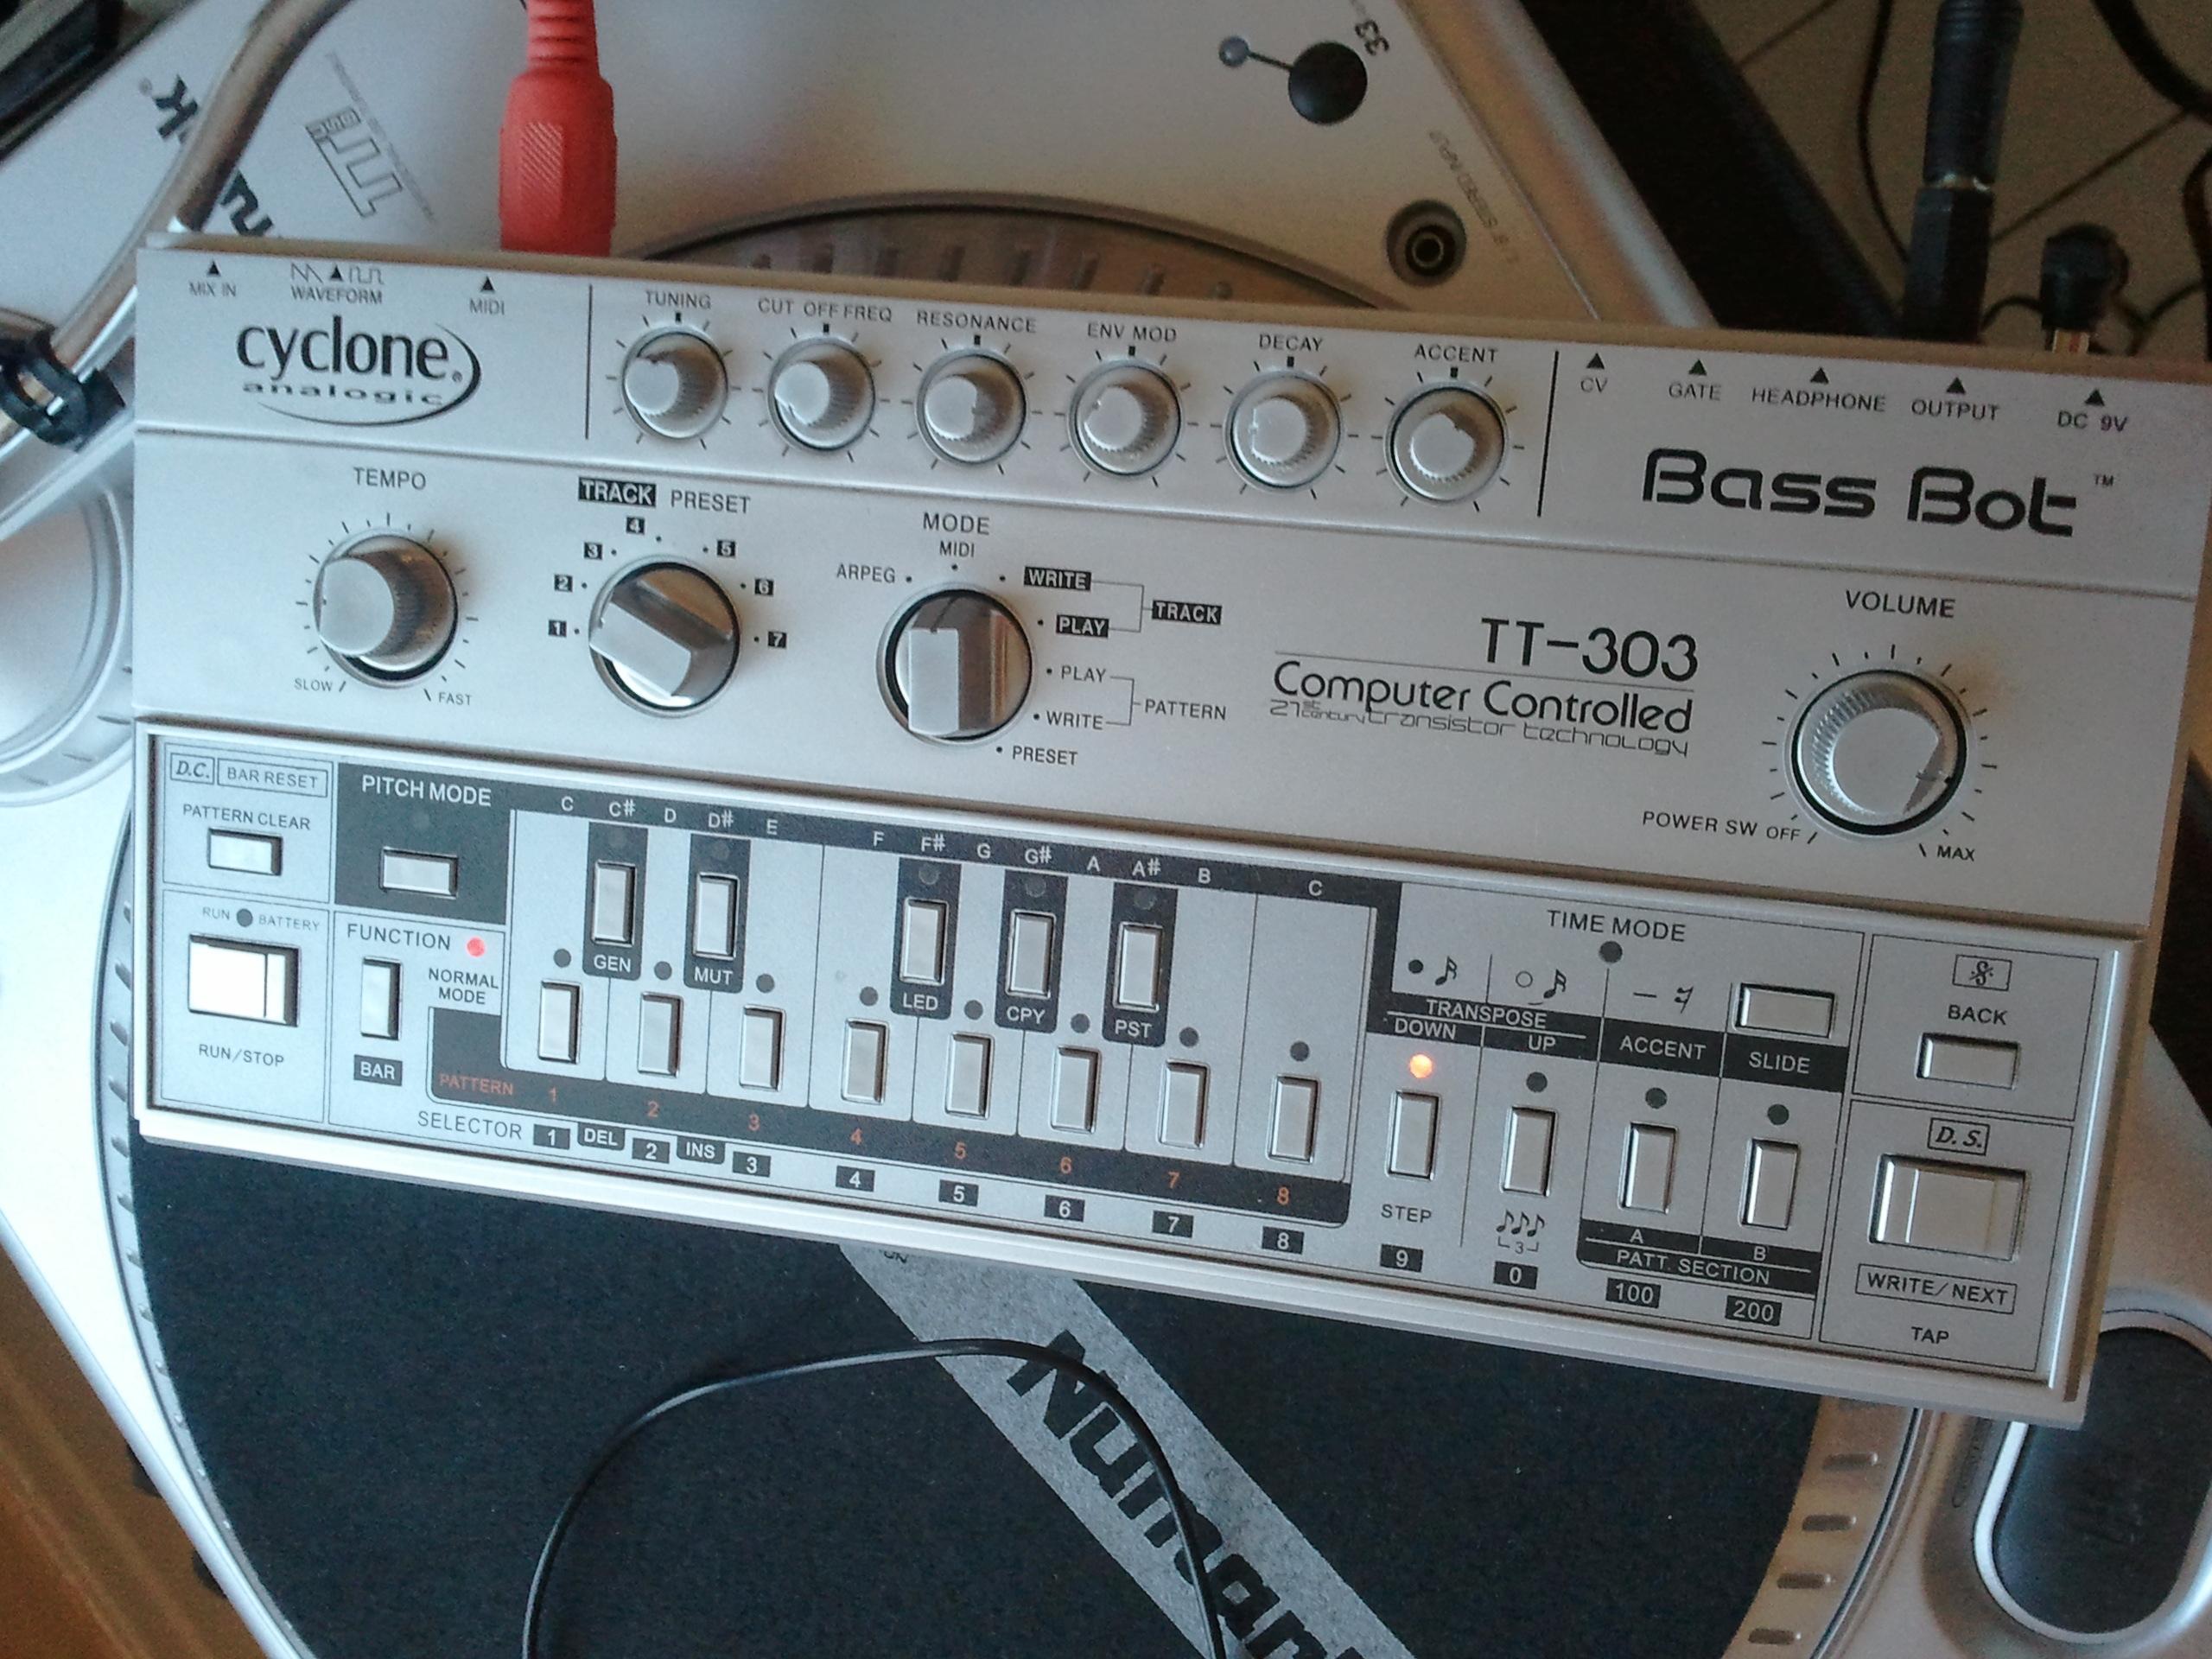 bass bot tt 303 manual